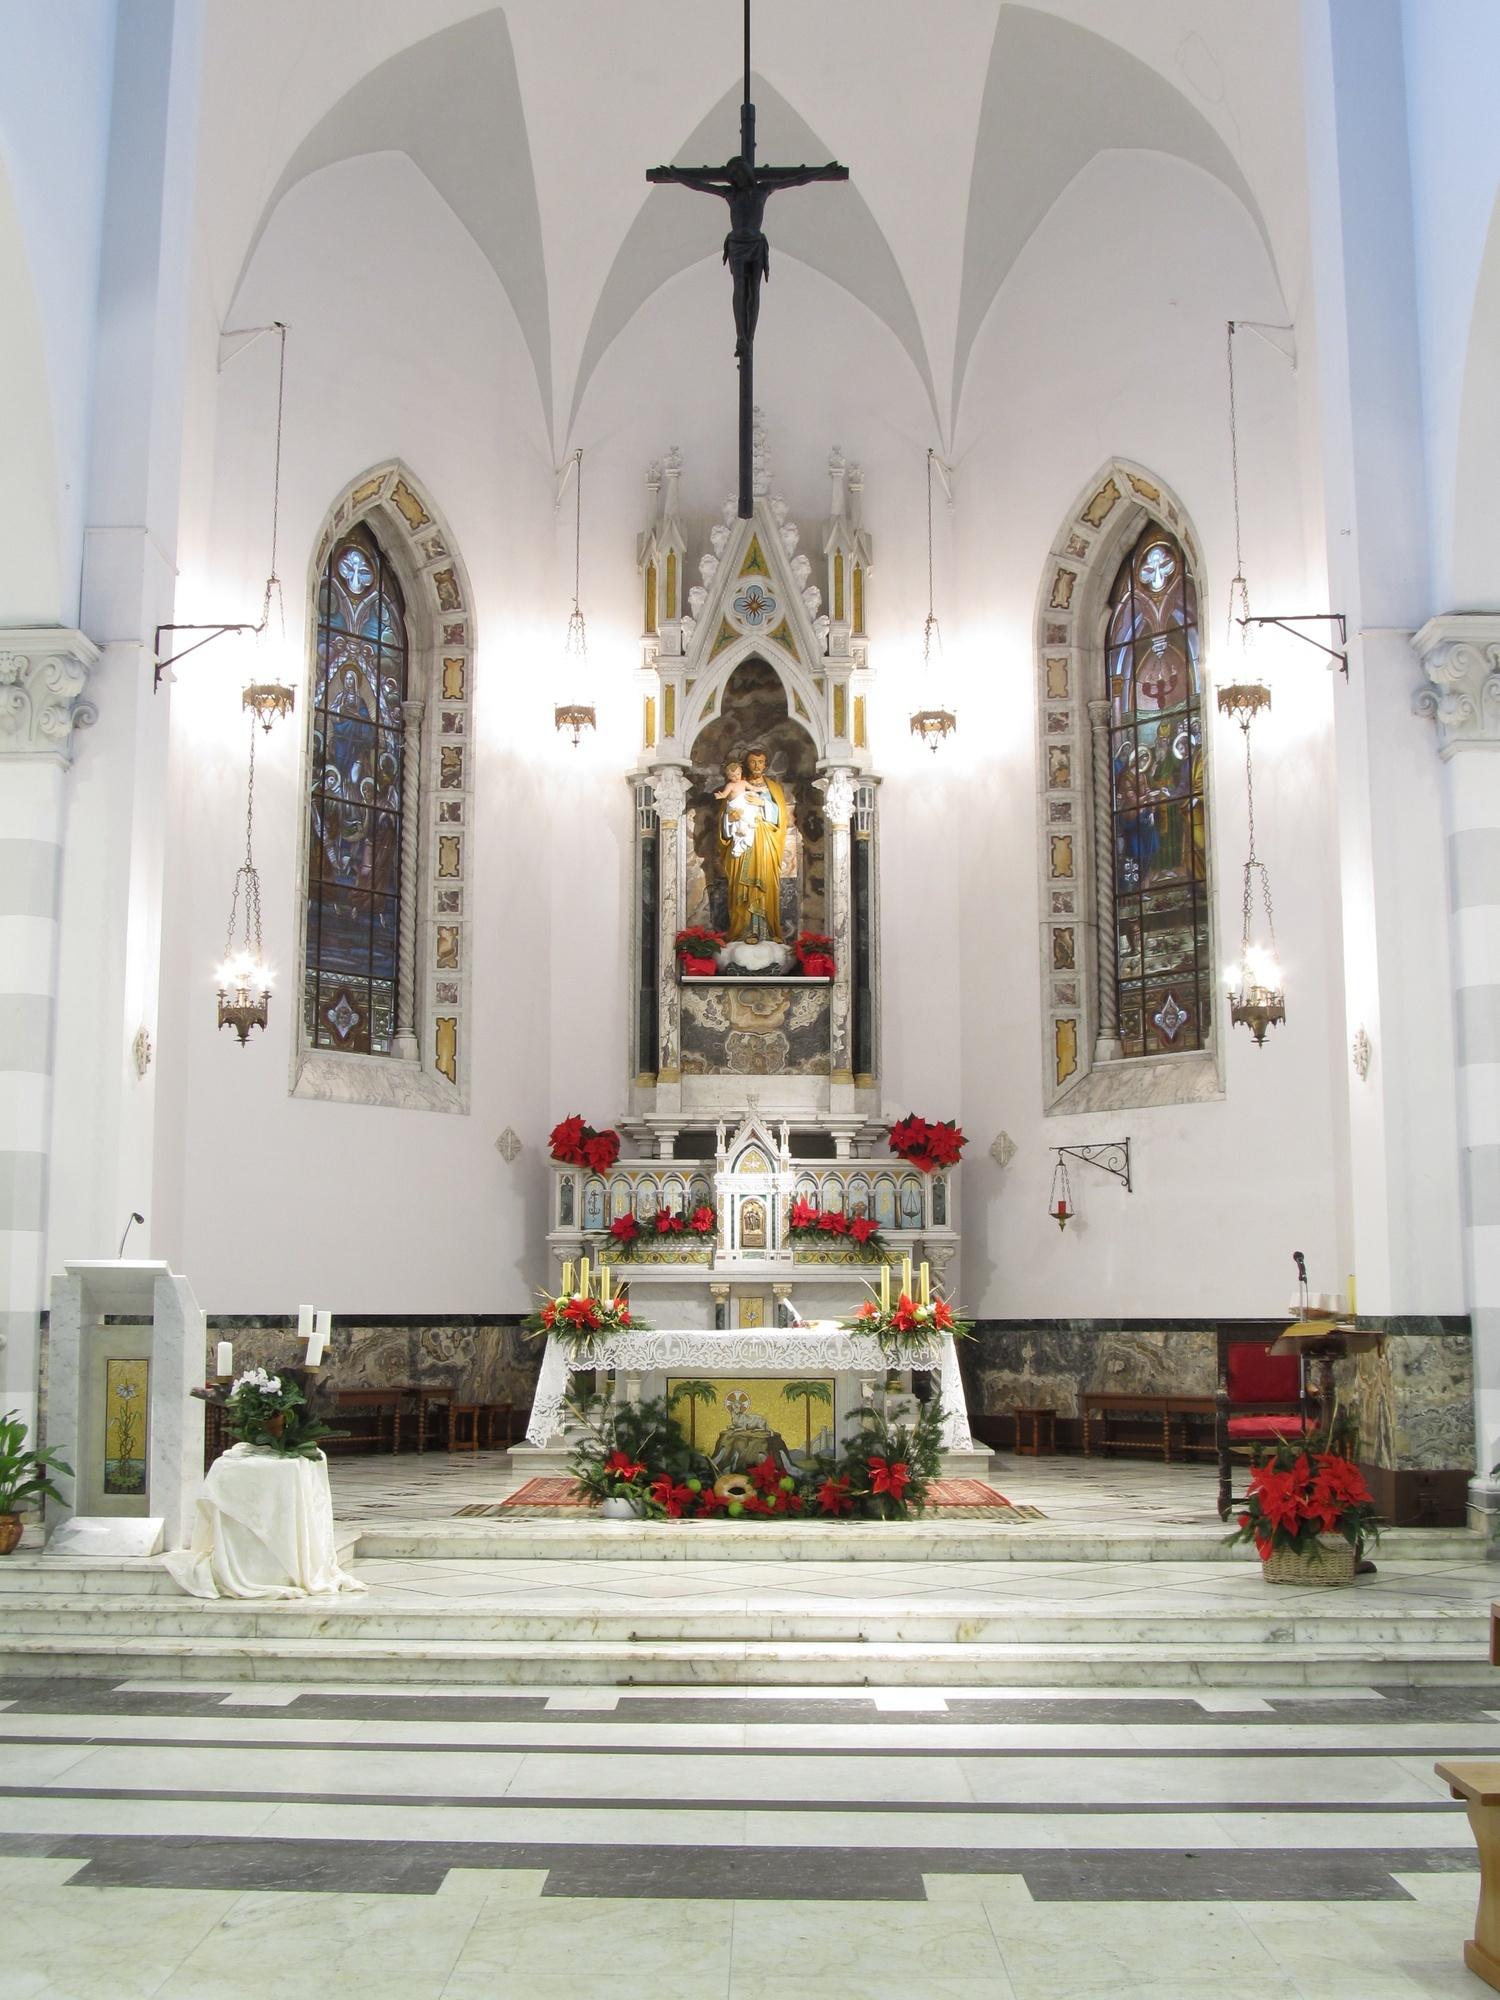 chiesa-natale-2015-12-24-15-04-31